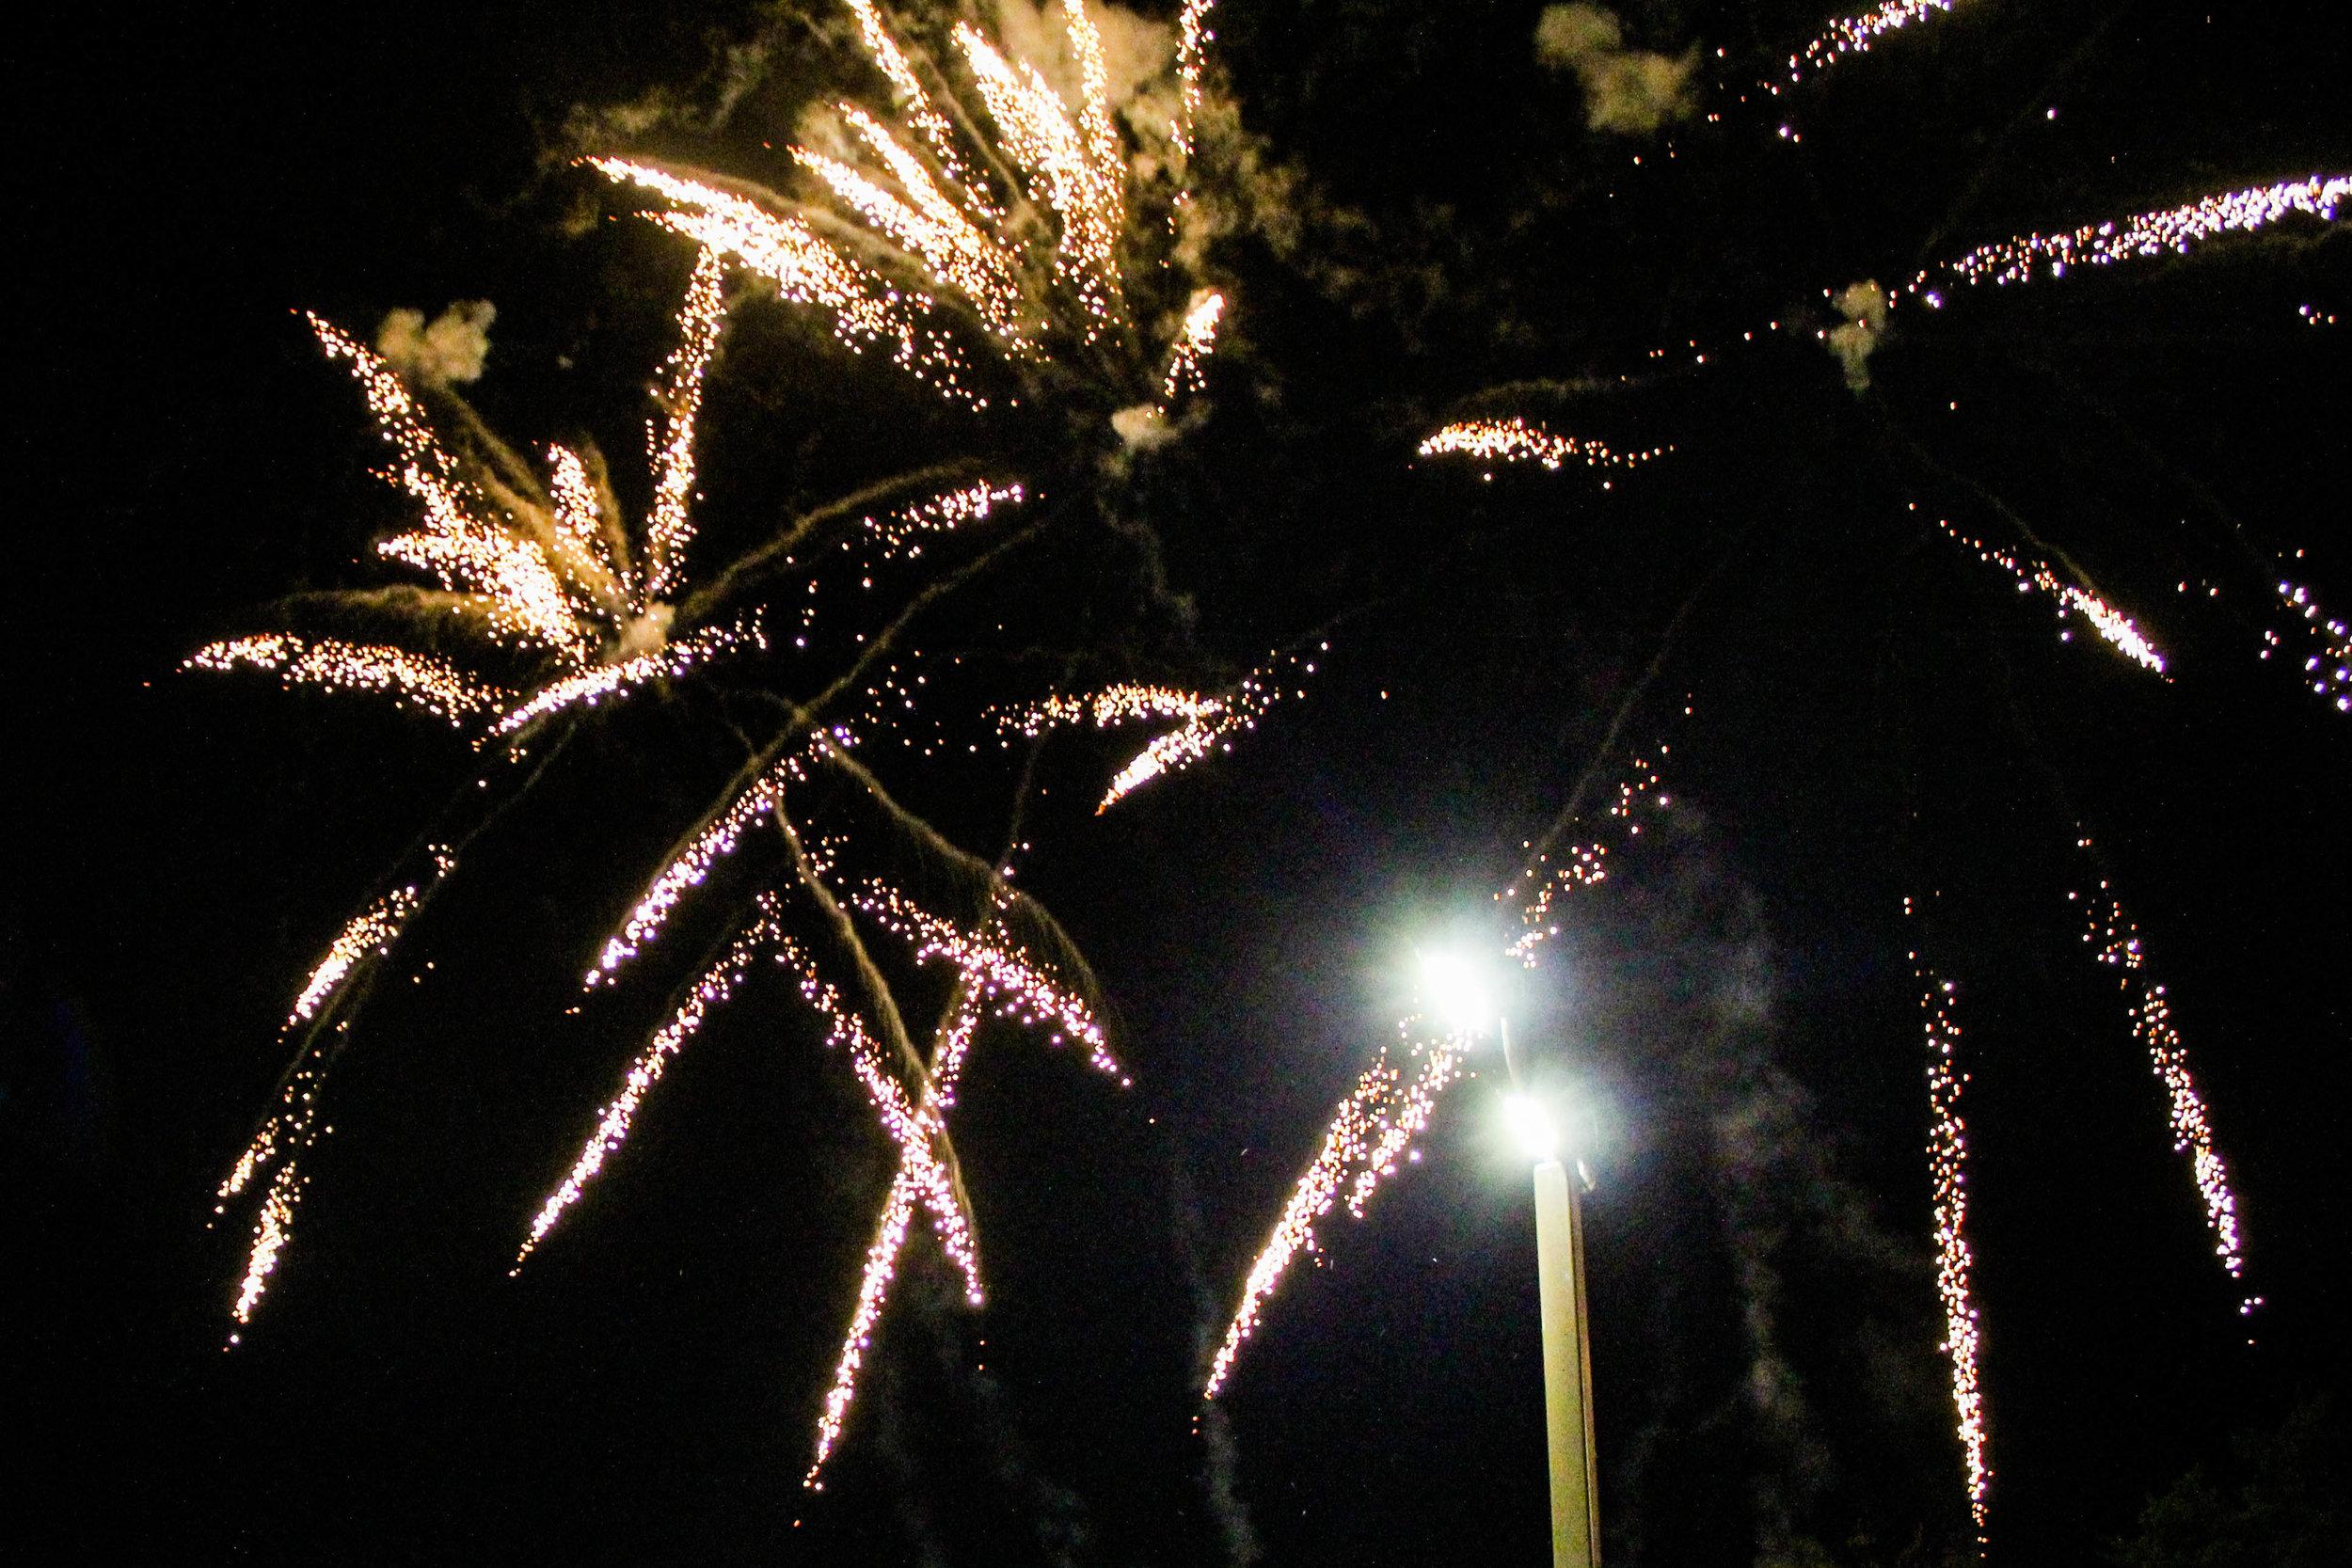 Homecoming week festivities began as fireworks were set off.